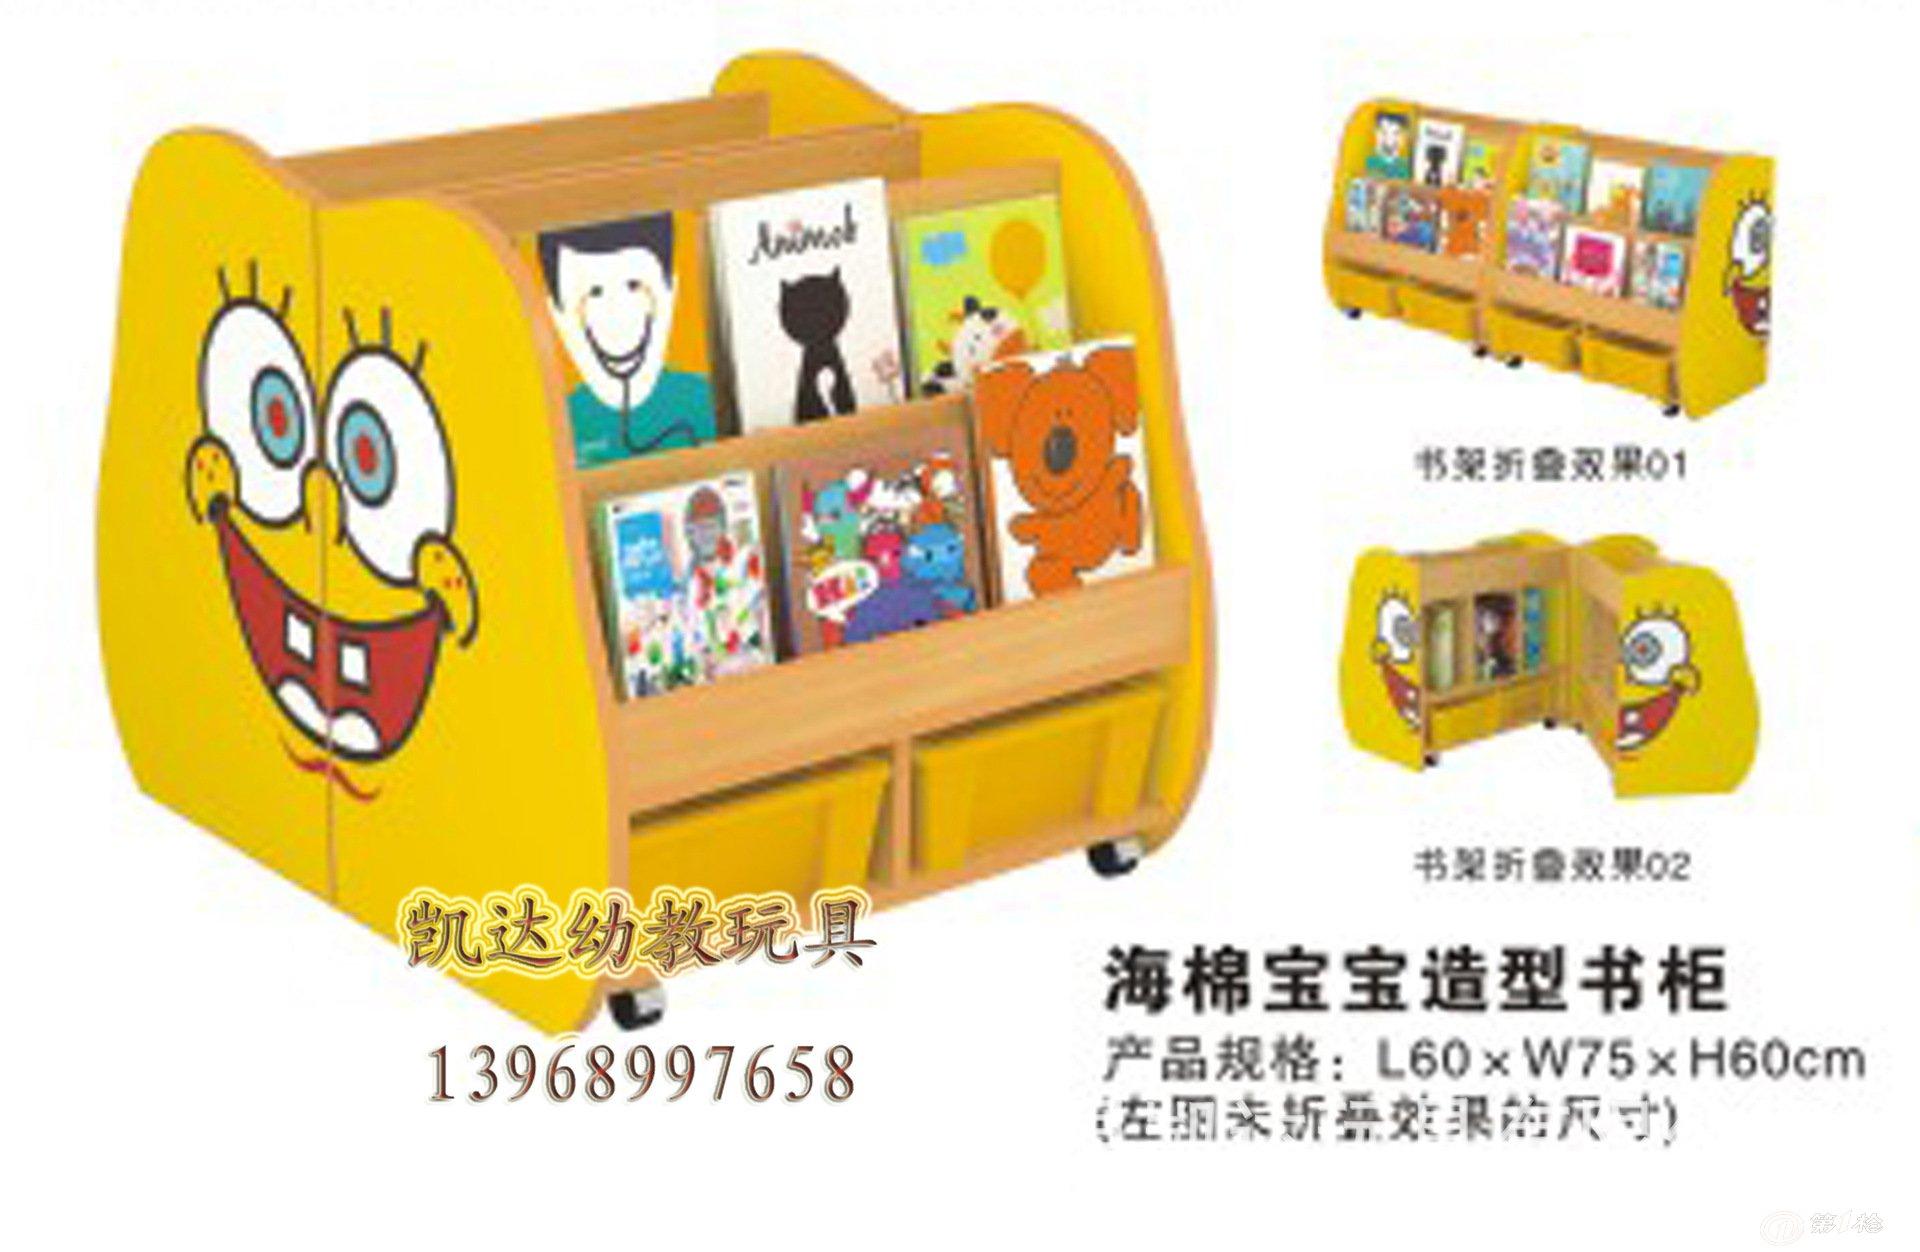 低价促销动物造型玩具柜,高档幼儿园书柜,新款组合玩具柜,儿童柜